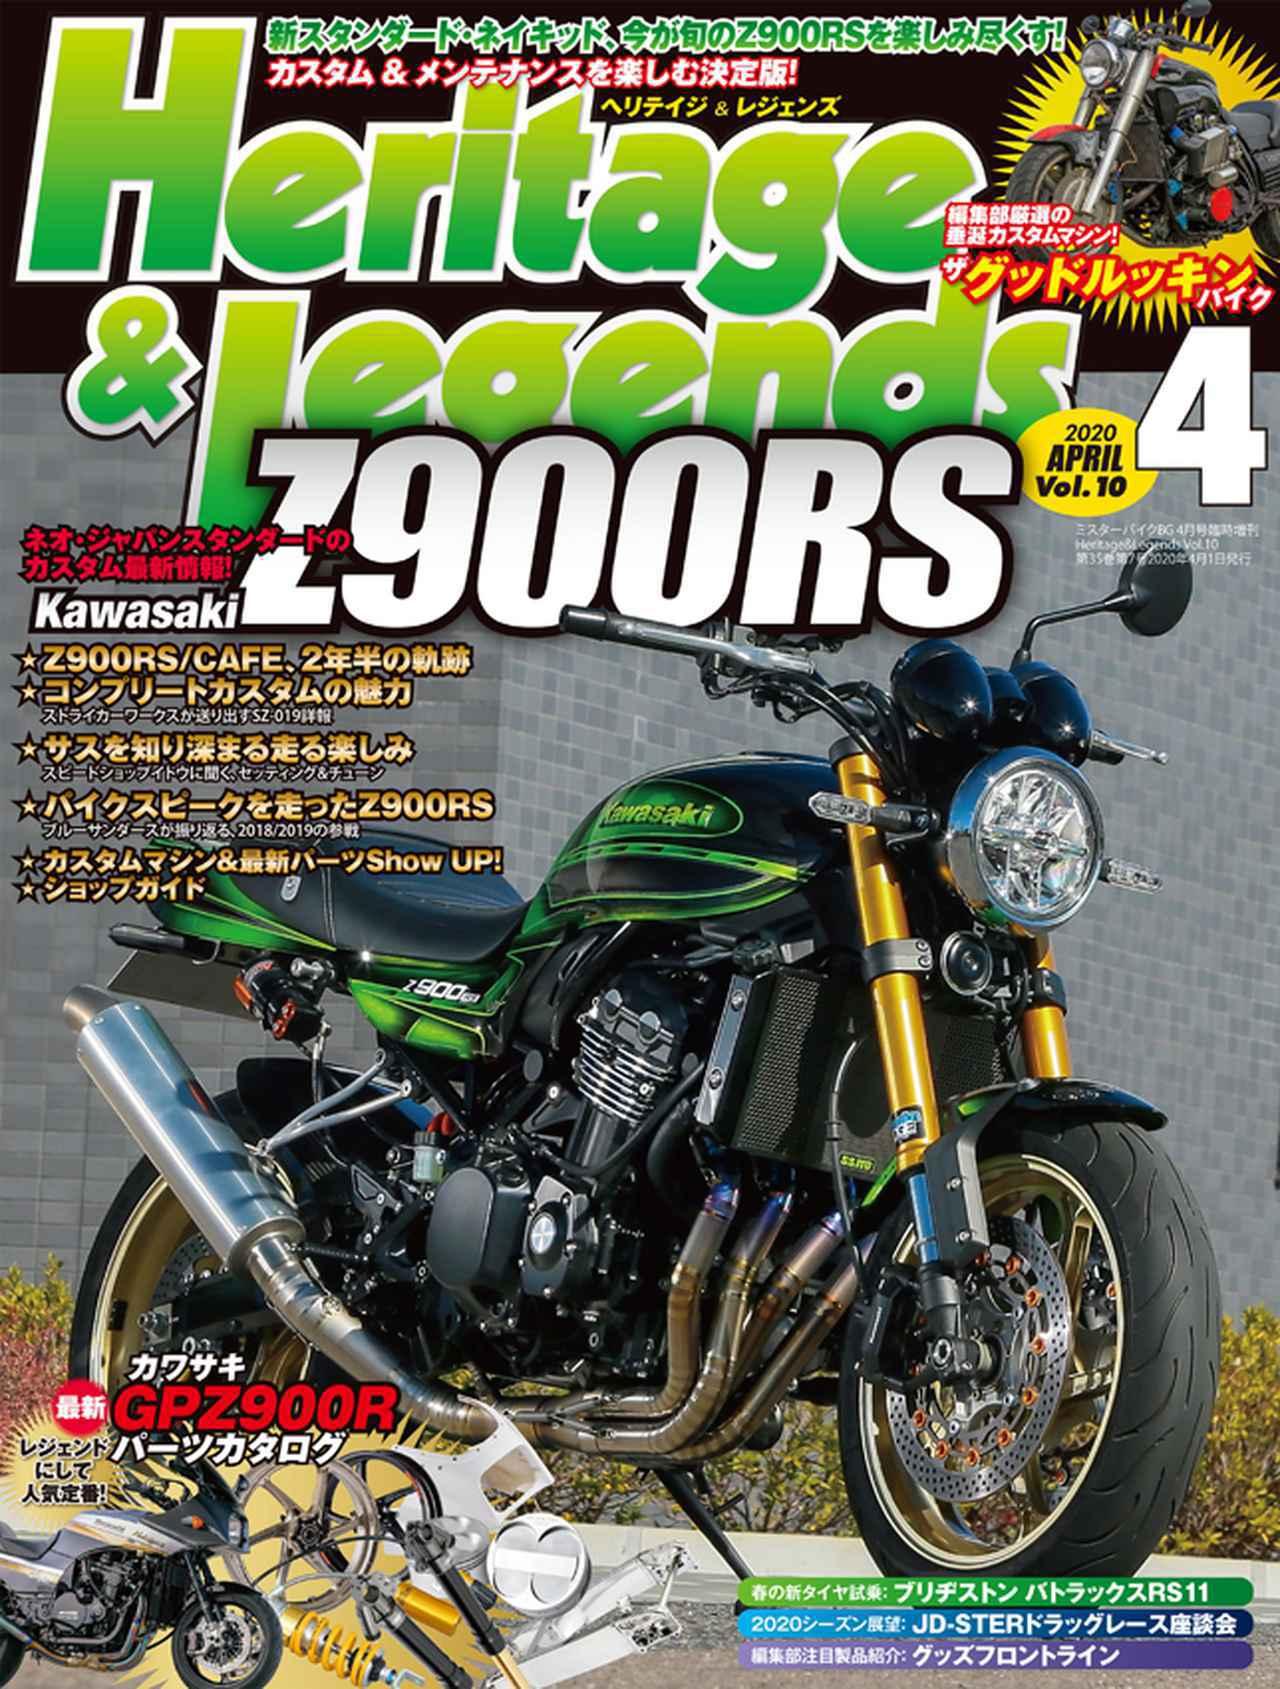 画像2: 巻頭特集はKAWASAKI「Z900RS」ネオ・ジャパンスタンダードのカスタム最新情報! 月刊『ヘリテイジ&レジェンズ』4月号(Vol.10)2月27日発売!